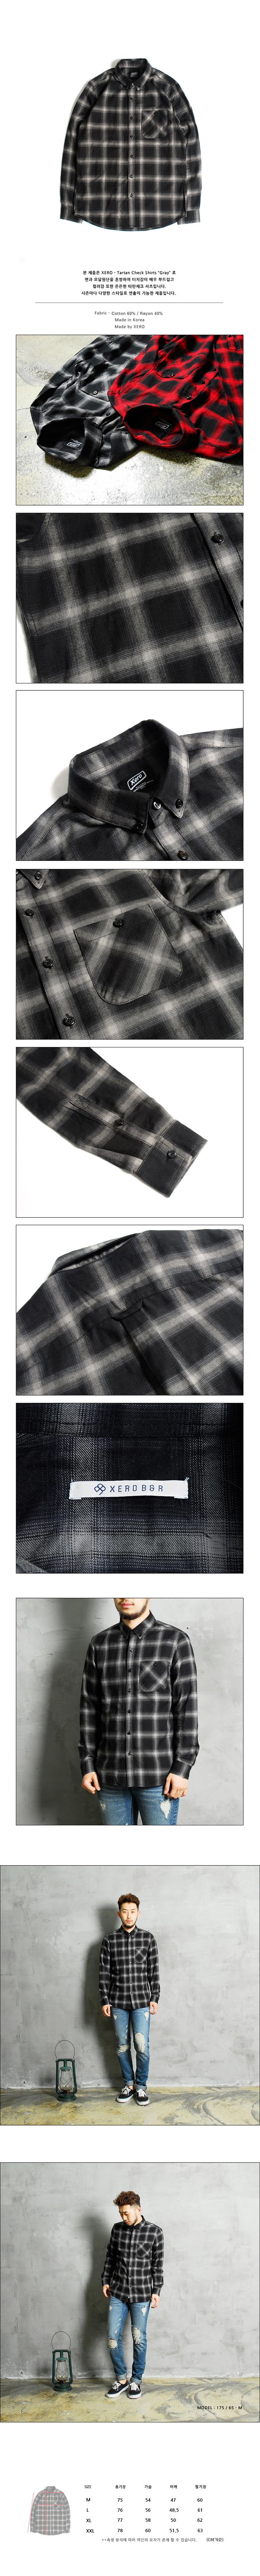 제로(XERO) Tartan Check Shirts